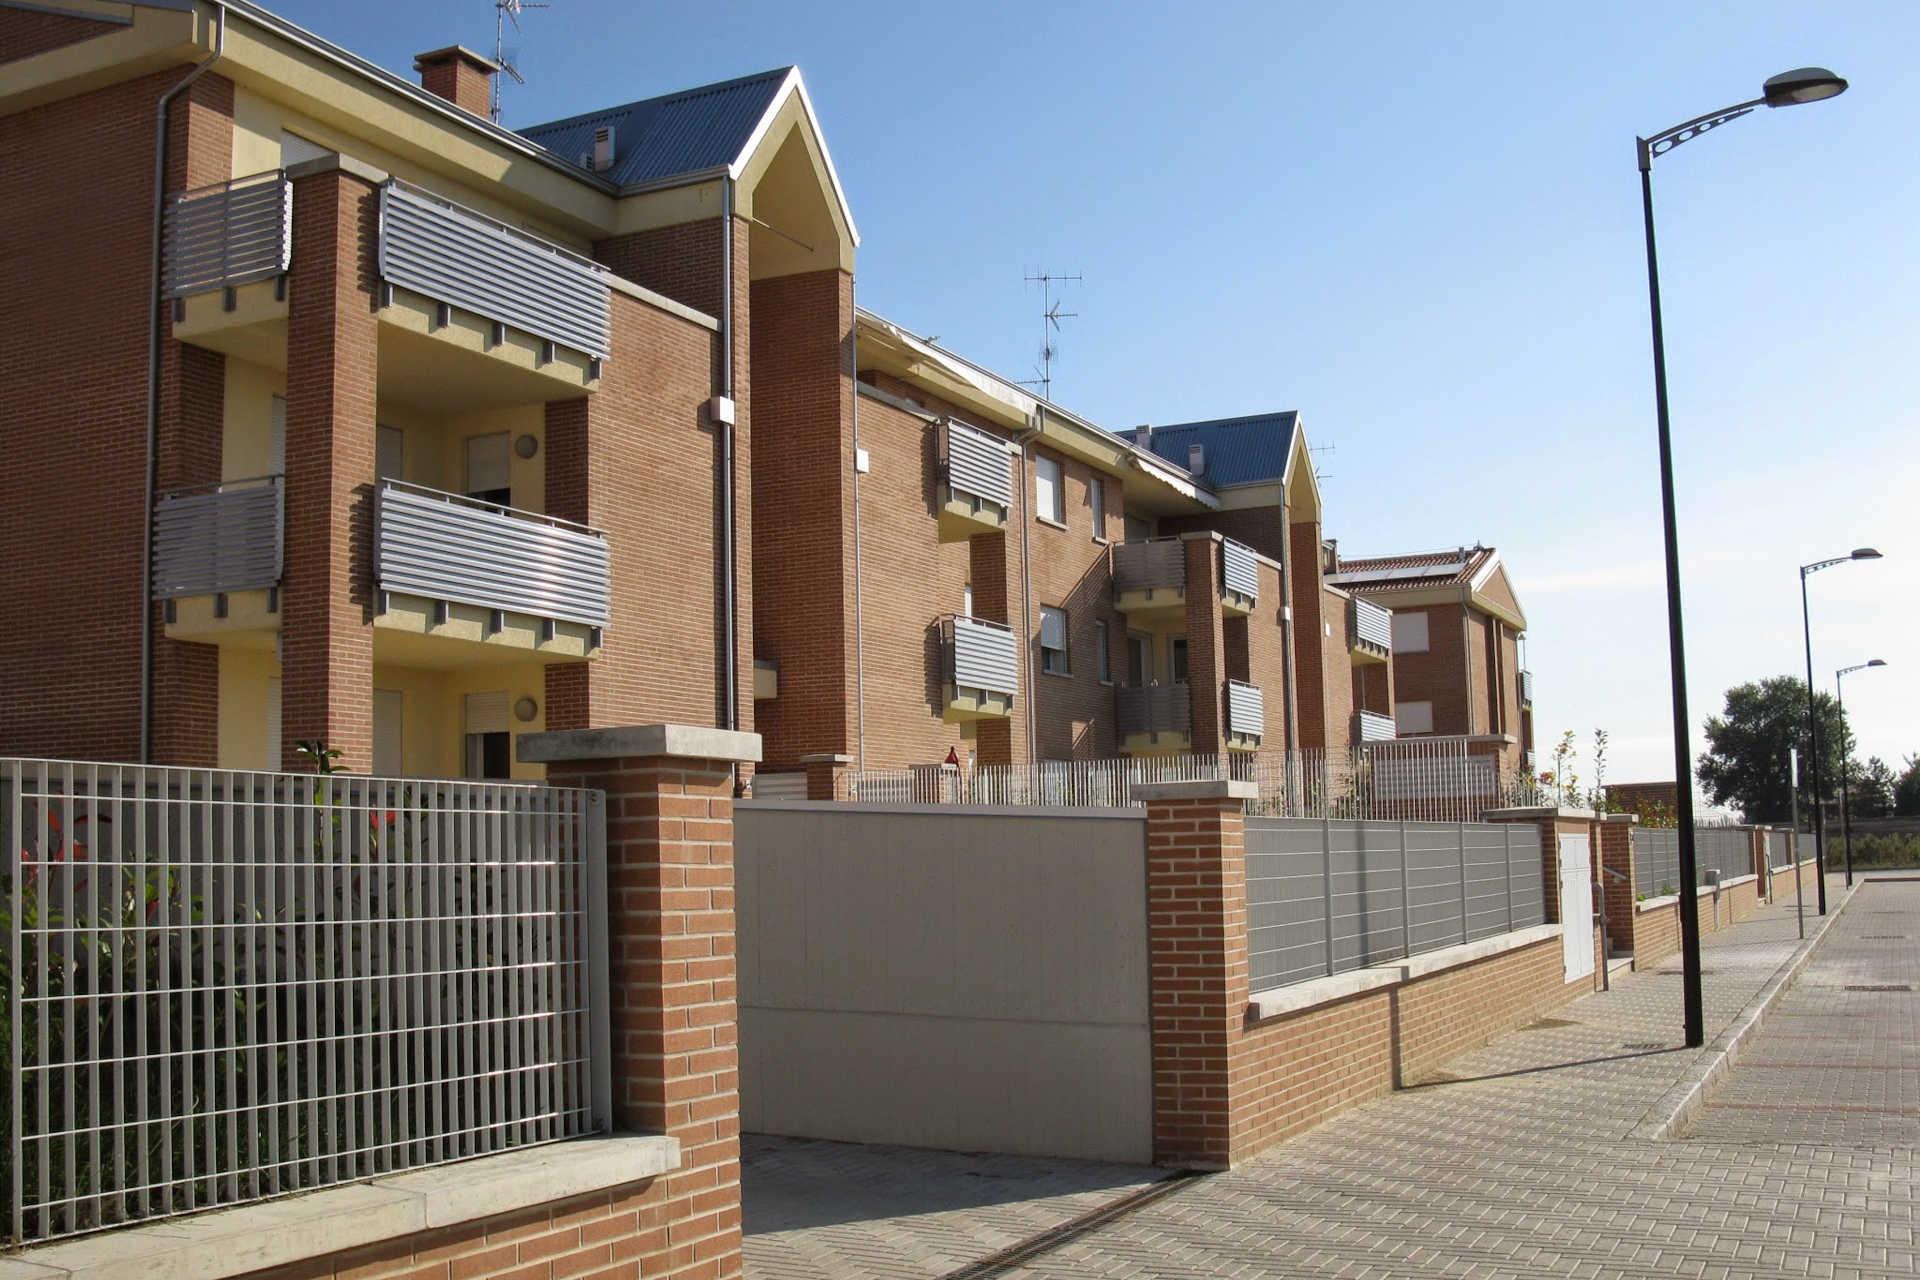 Comparto residenziale in Castel Maggiore (BO)